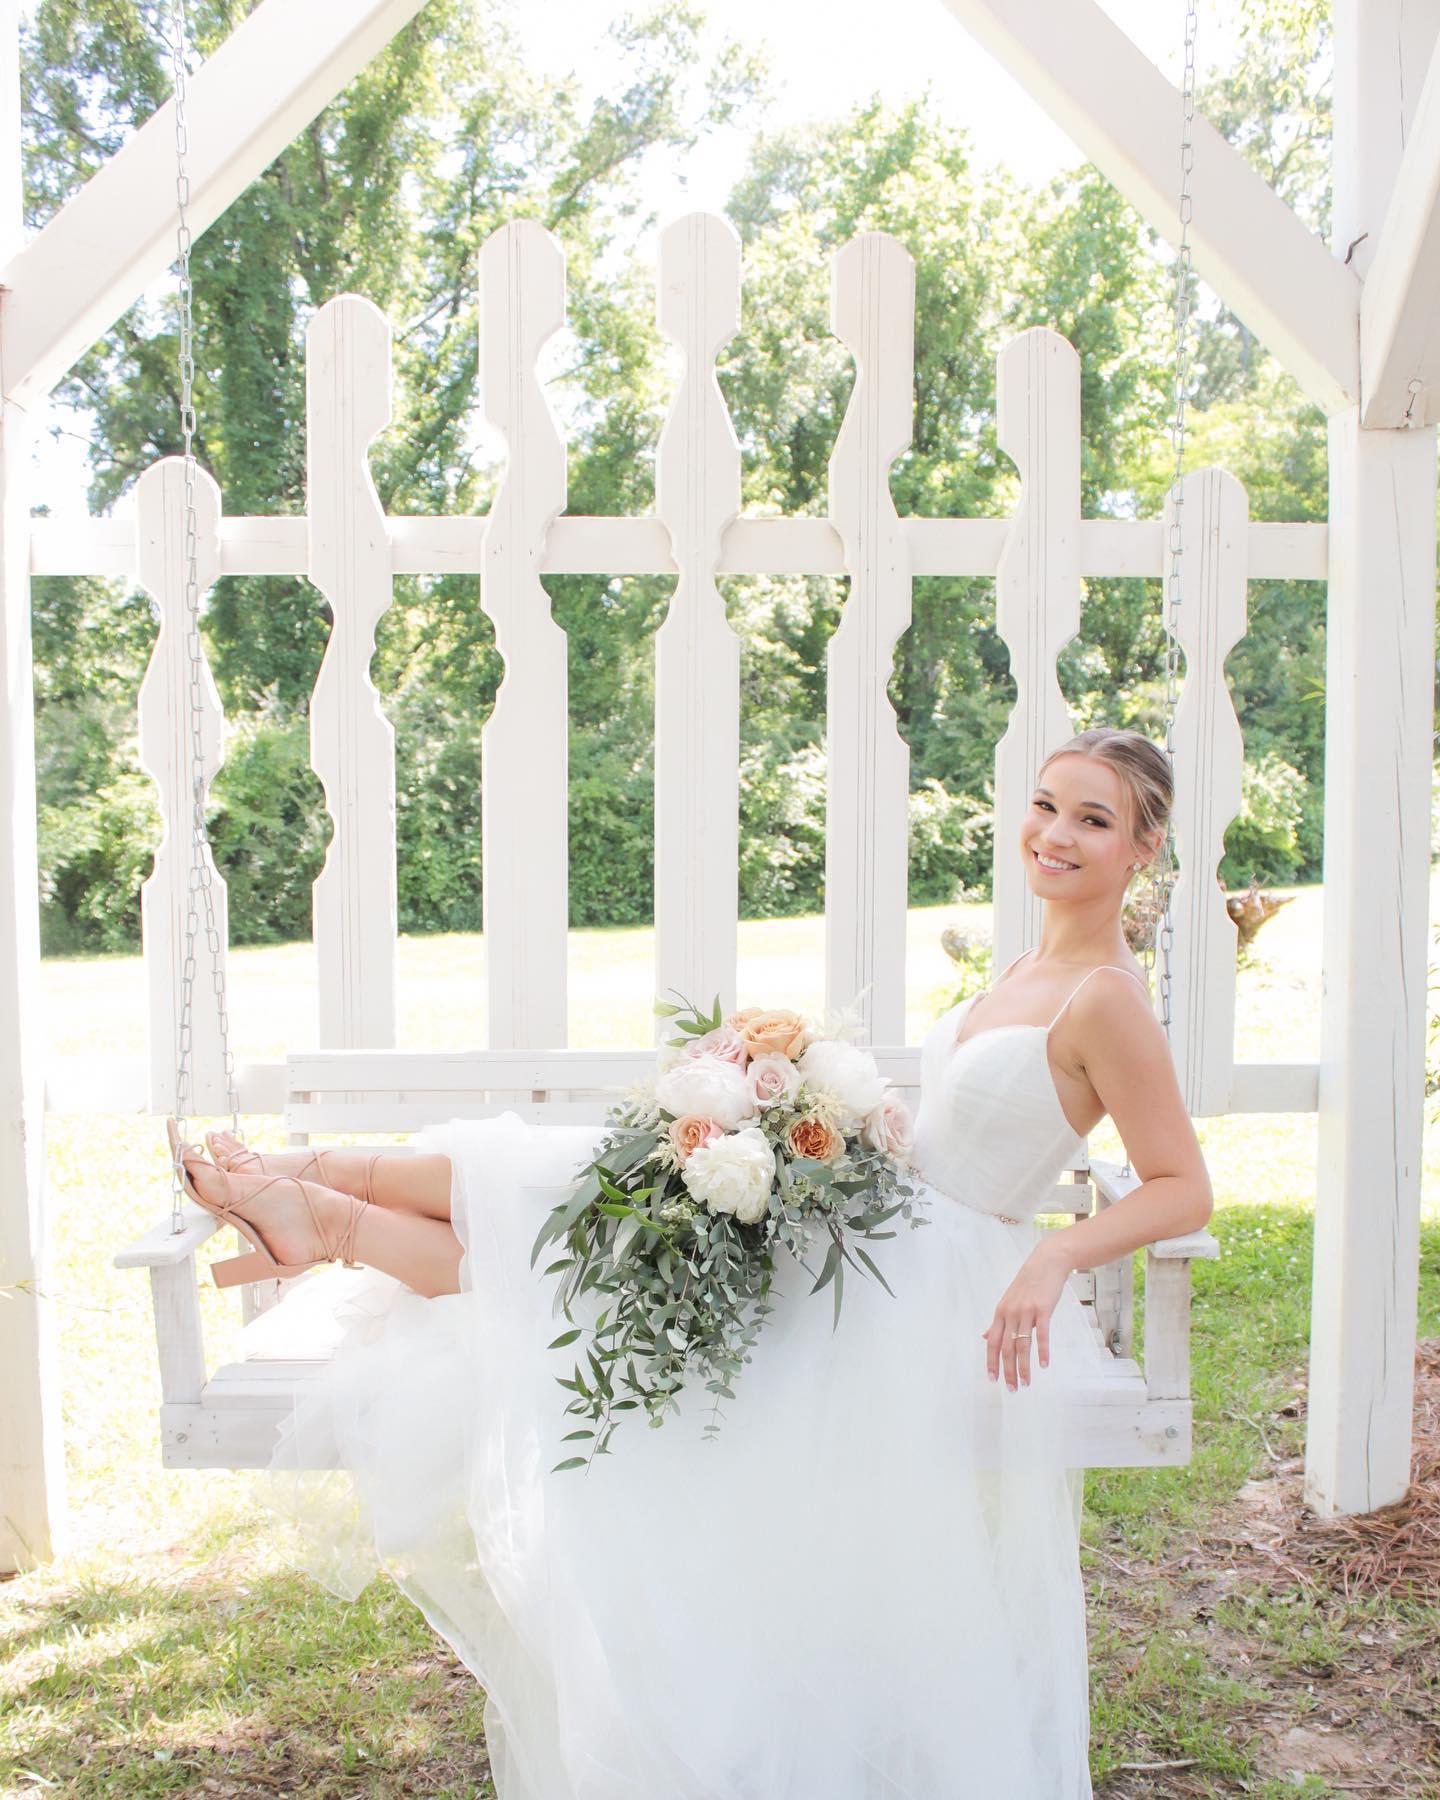 Bride in Swing, Birmingham Wedding Venue Camelot Manor